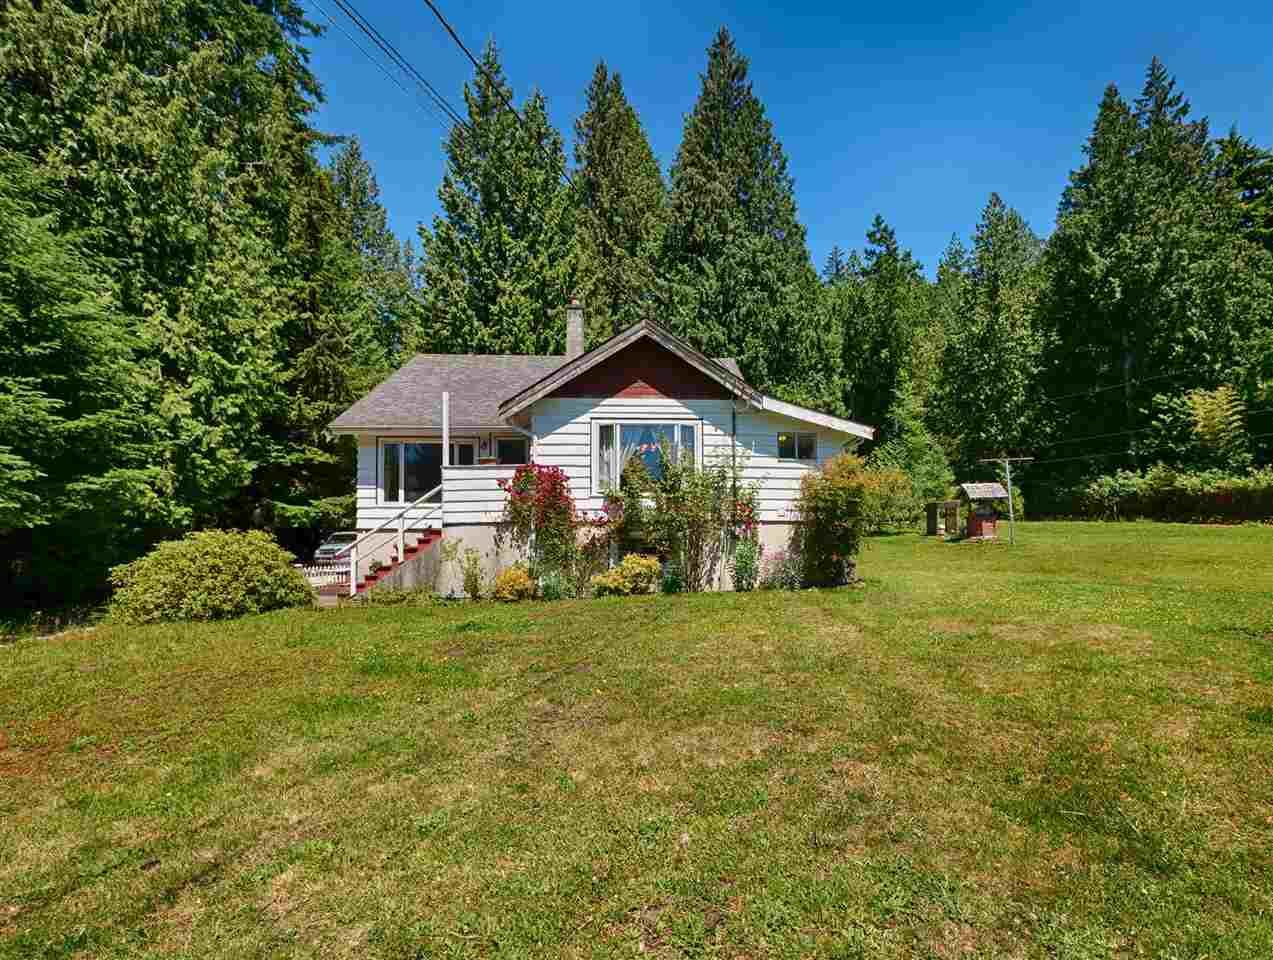 Detached at 2706 SUNSHINE COAST HIGHWAY, Sunshine Coast, British Columbia. Image 1